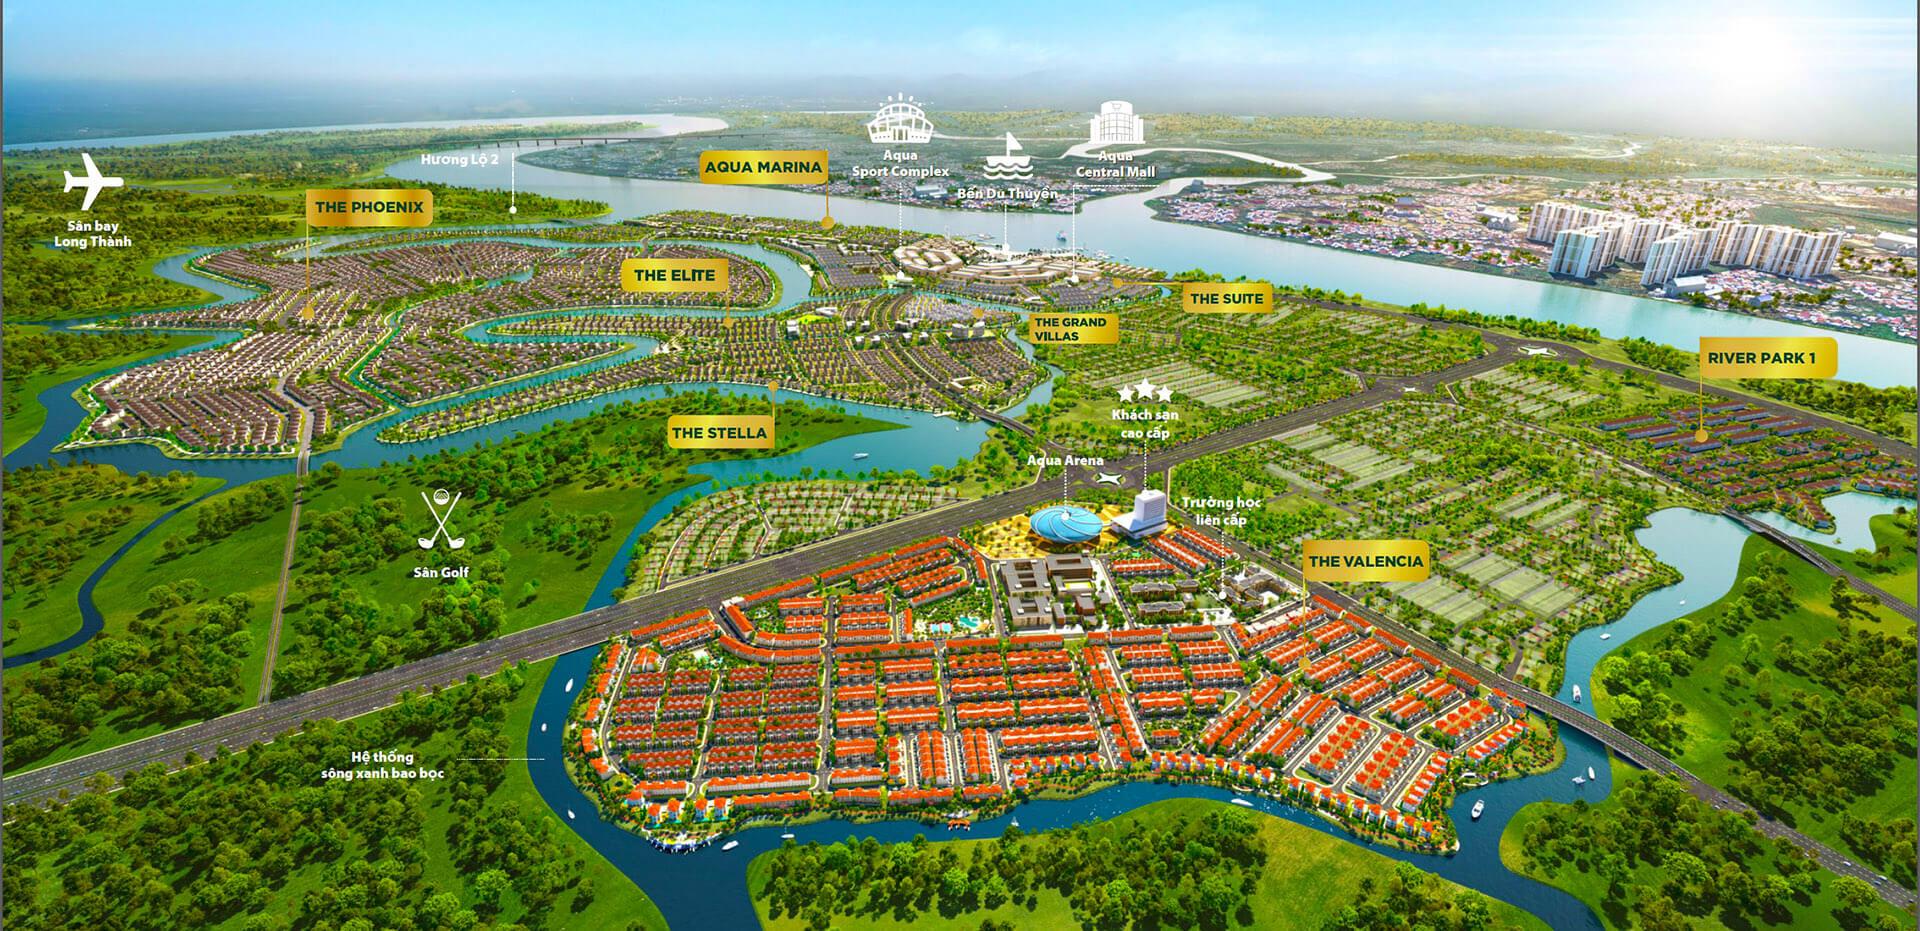 Hinh Banner Aquacity Dong Nai